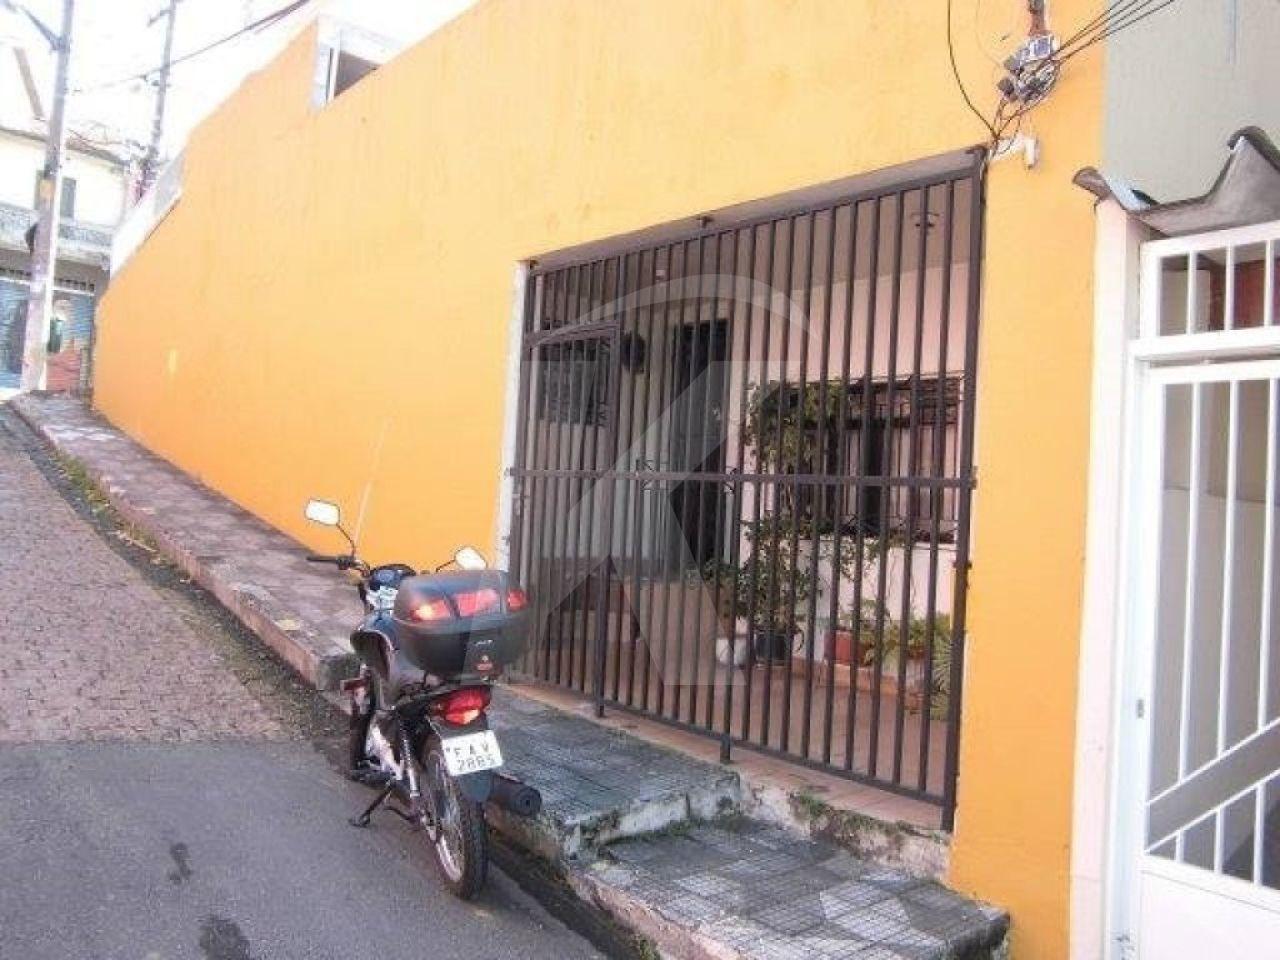 Sobrado Vila Constança - 3 Dormitório(s) - São Paulo - SP - REF. KA2615